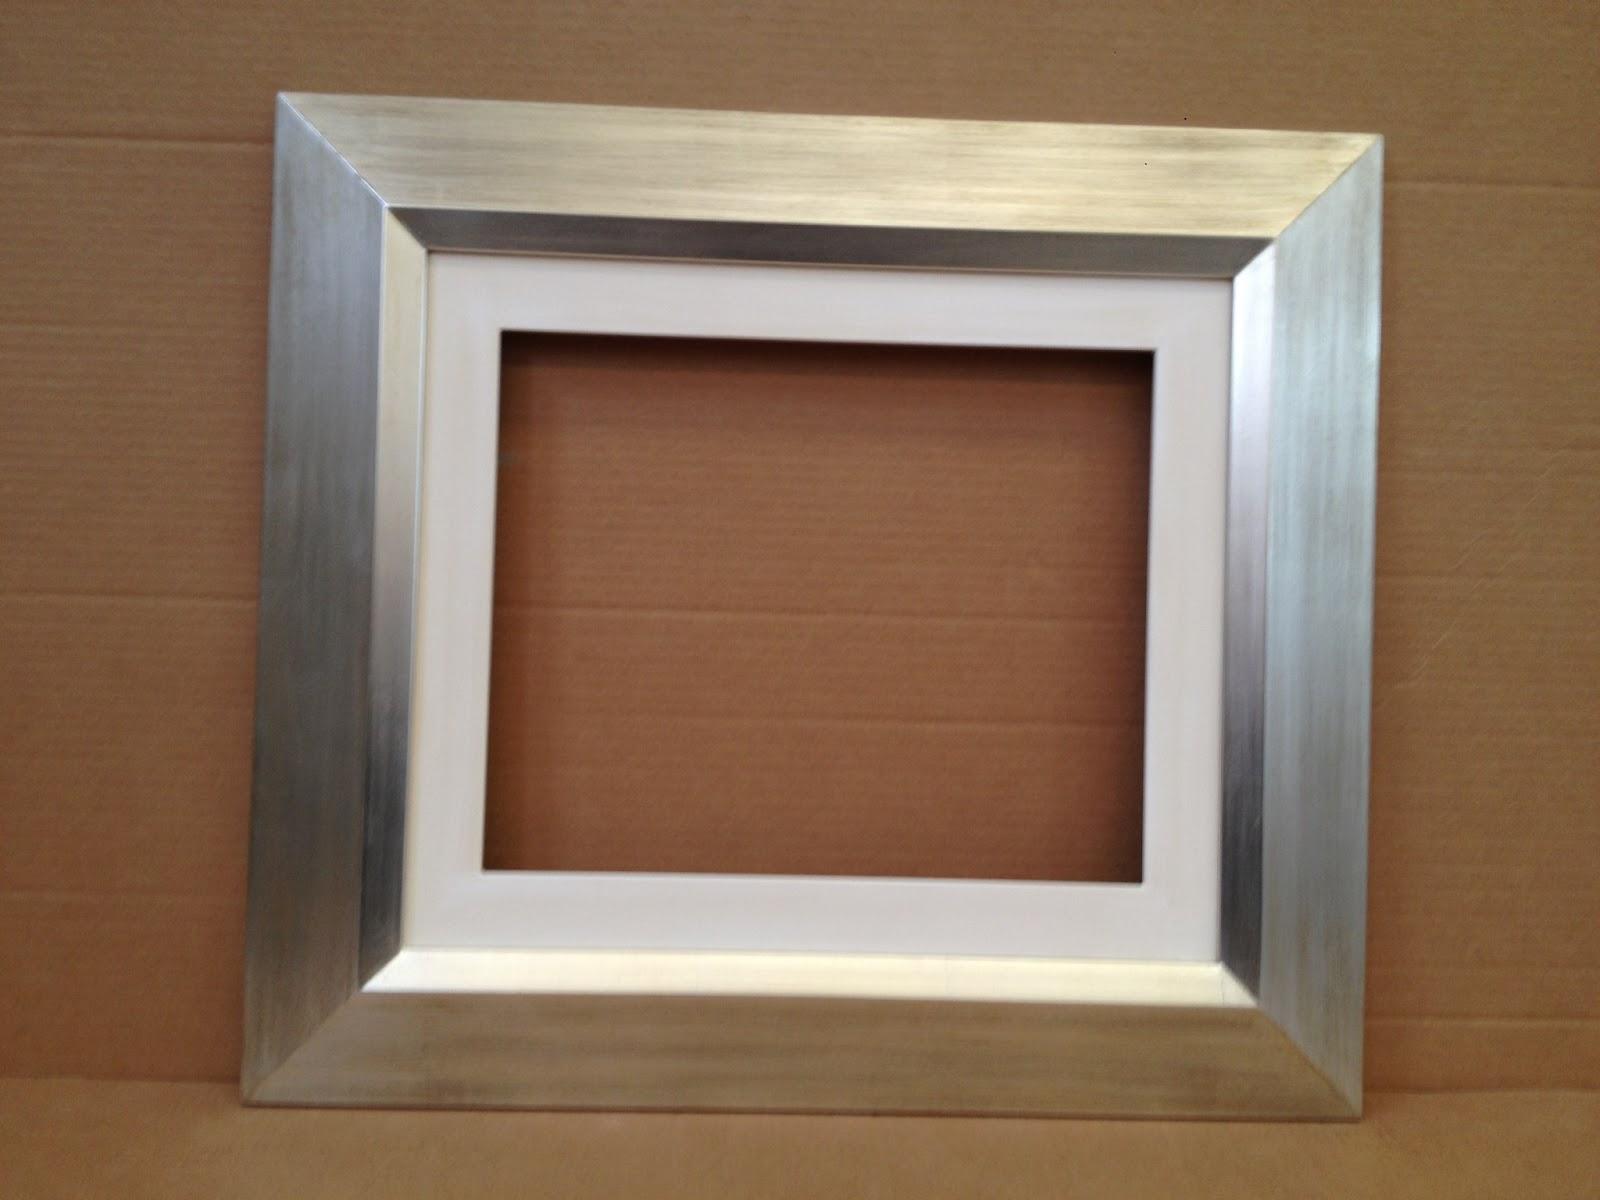 Kino marcos molduras marcos para cuadros enmarcacion for Como hacer espejos vintage